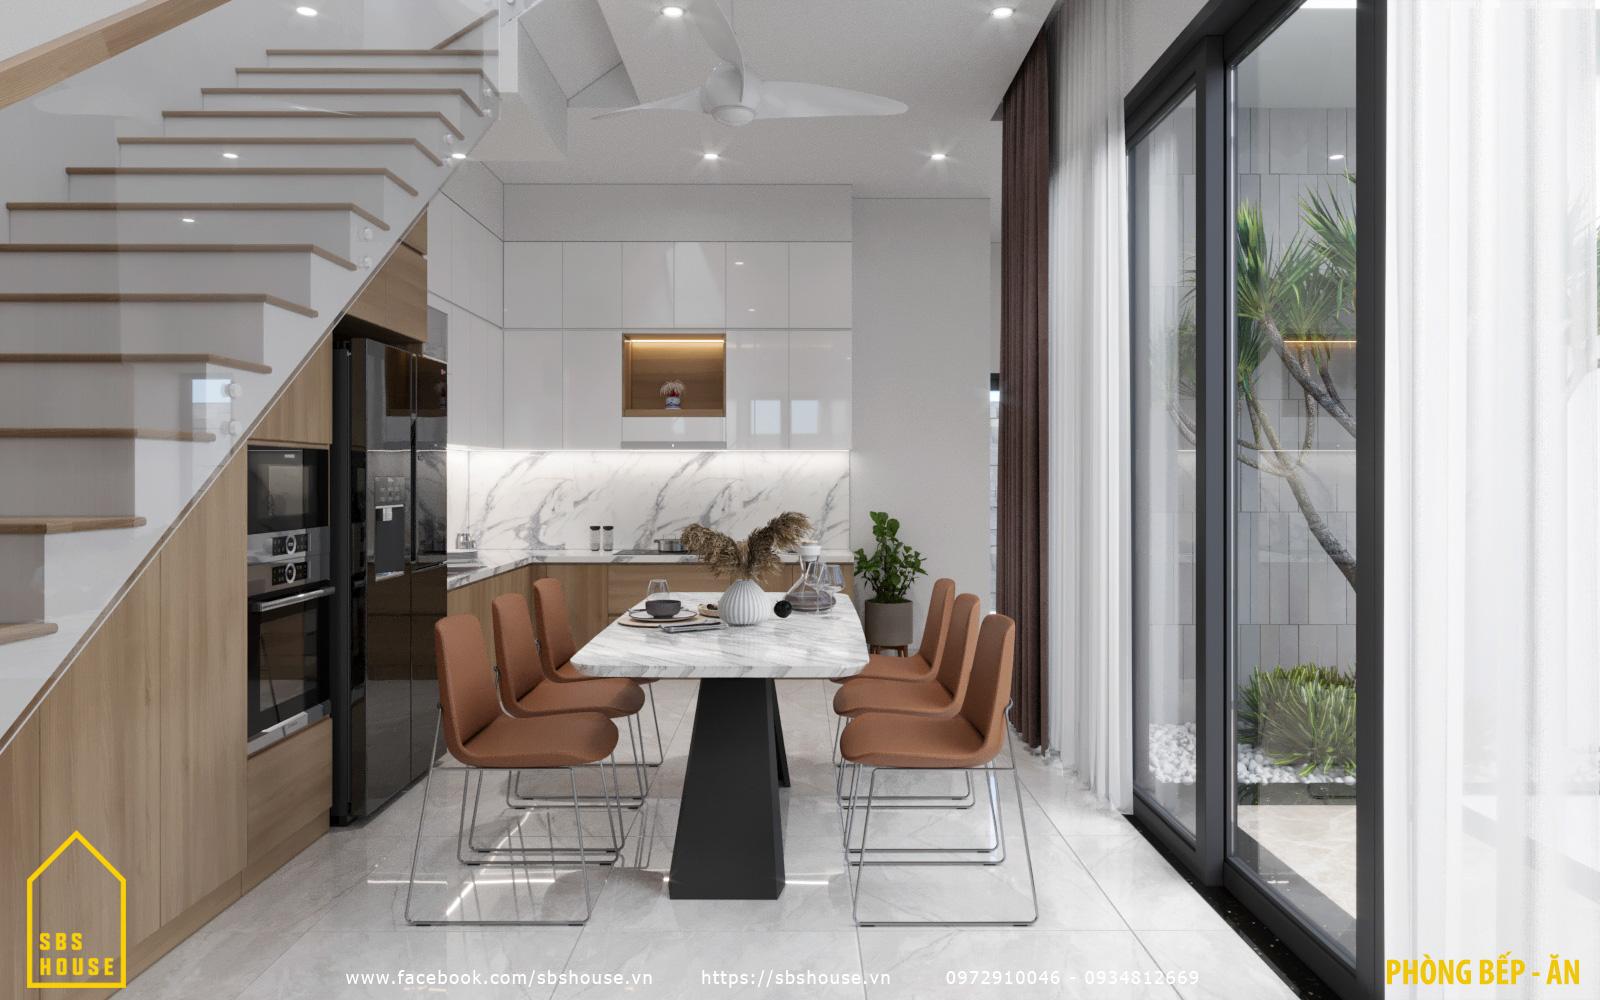 Phòng bếp đẹp trong nhà 3 tầng 1 tum